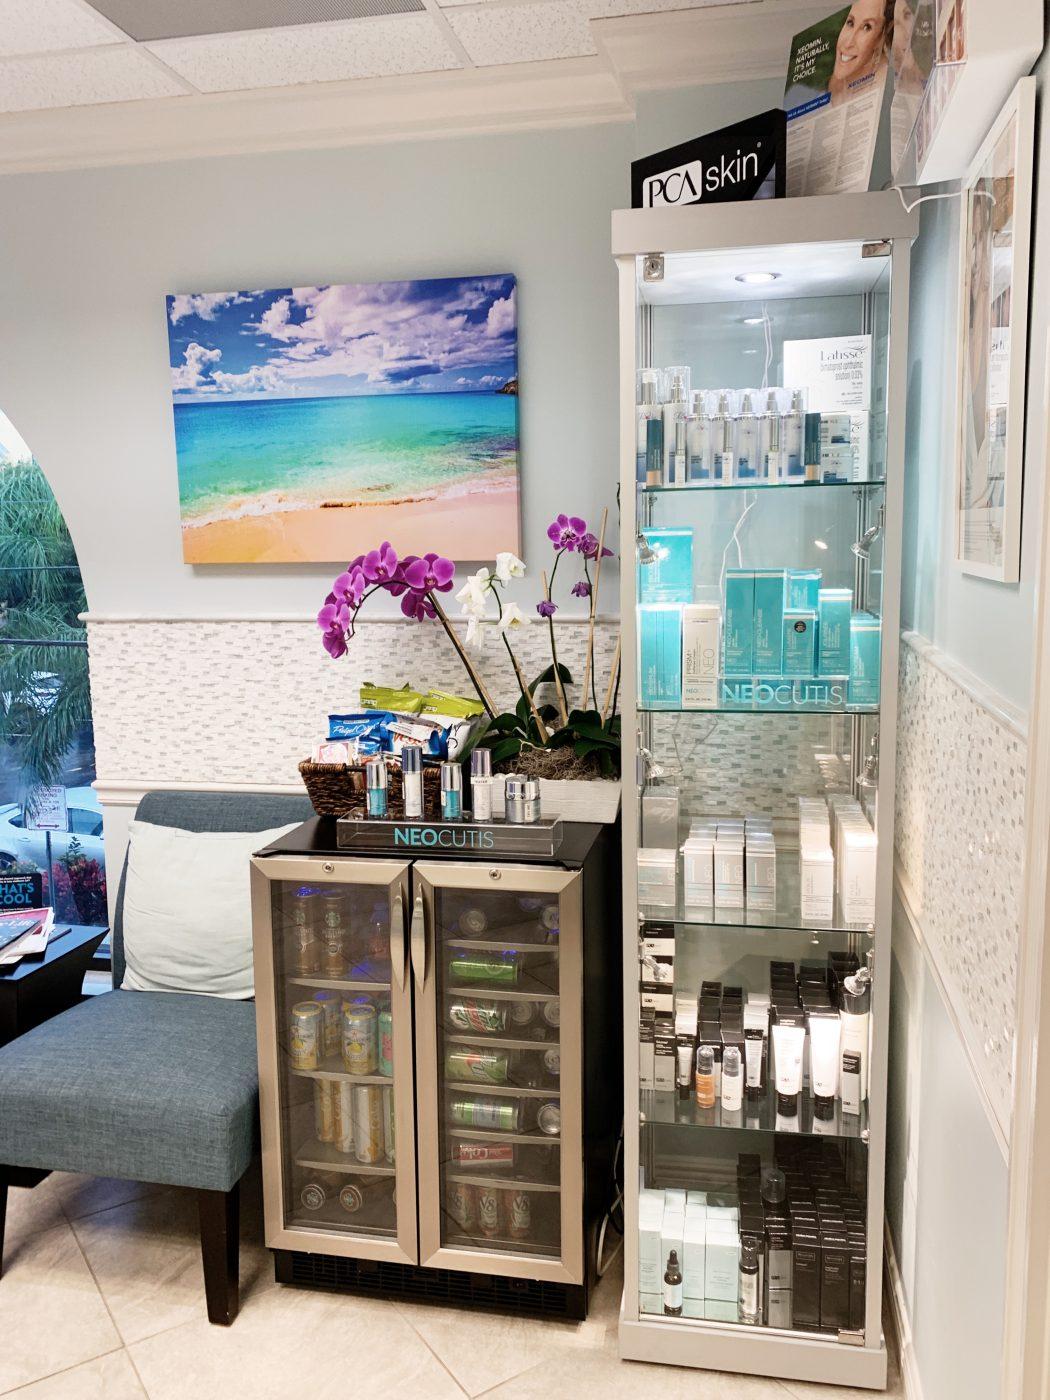 Pura Vida Medical Spa in Naples, FL